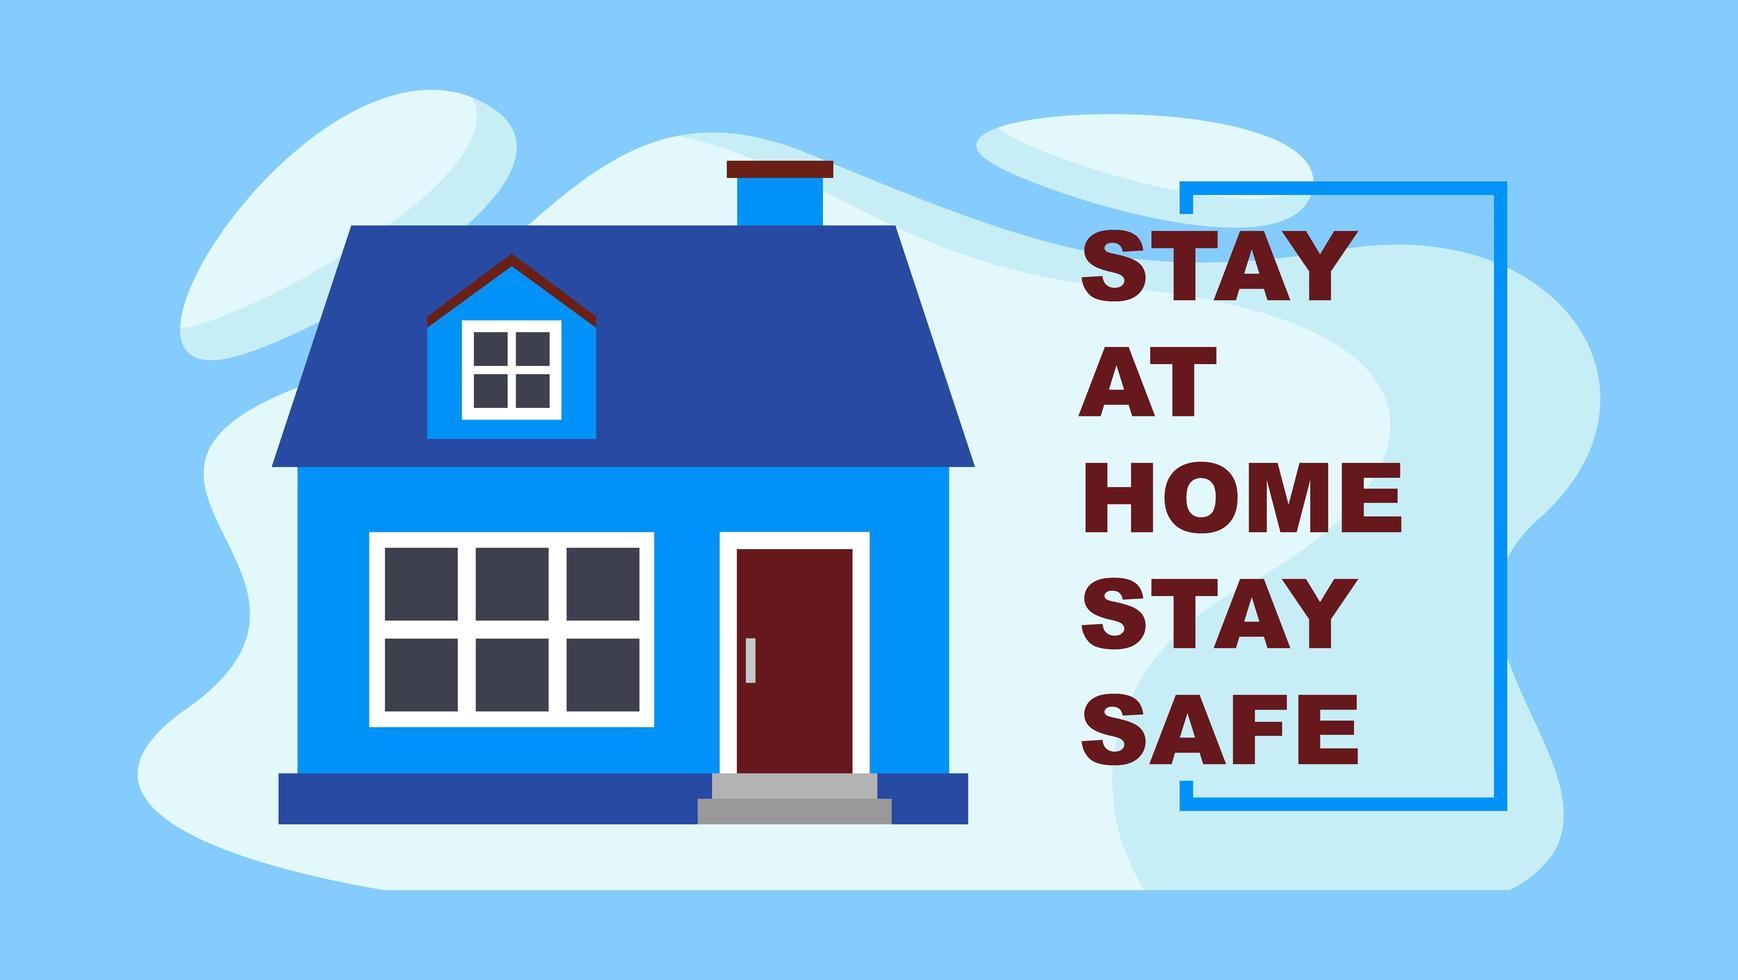 blijf thuis saay veilig blauw huisontwerp vector